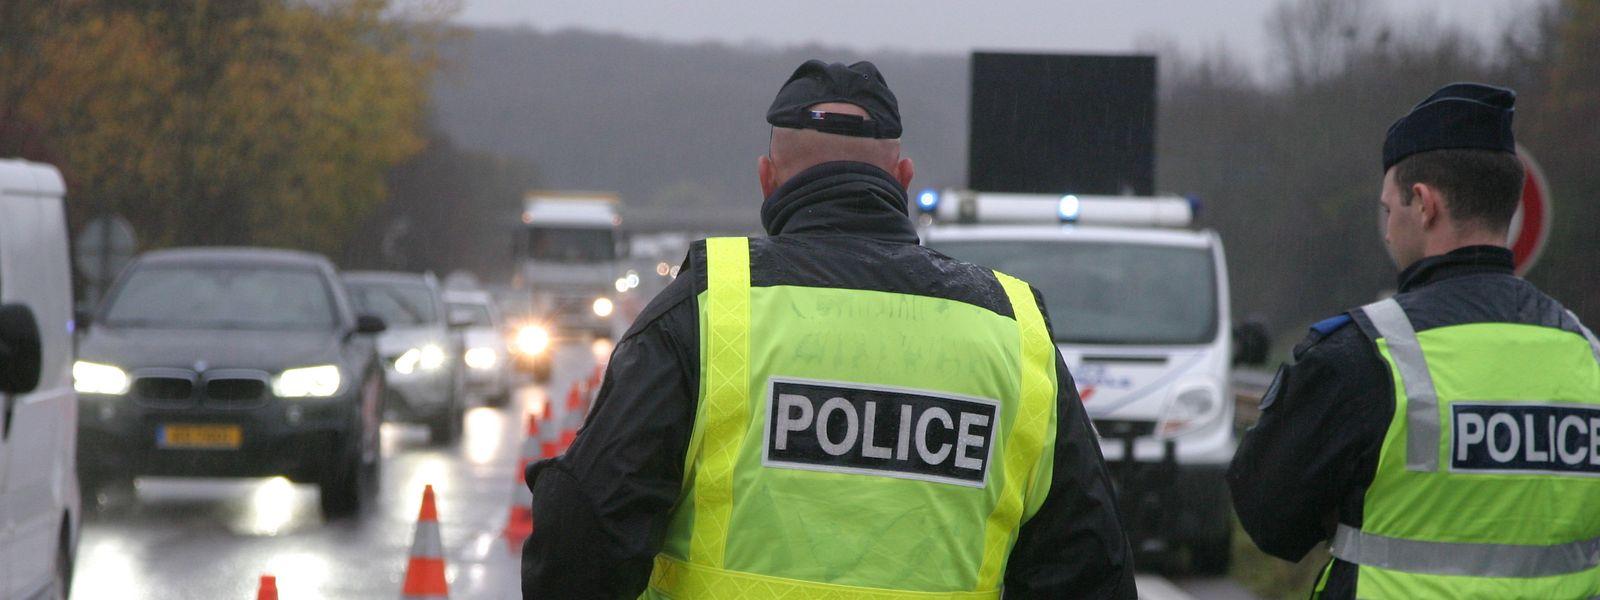 Le comptage et l'enquête menés lundi dernier, à hauteur de Kanfen sur l'A31, a bien entendu sérieusement impacté l'allure de circulation